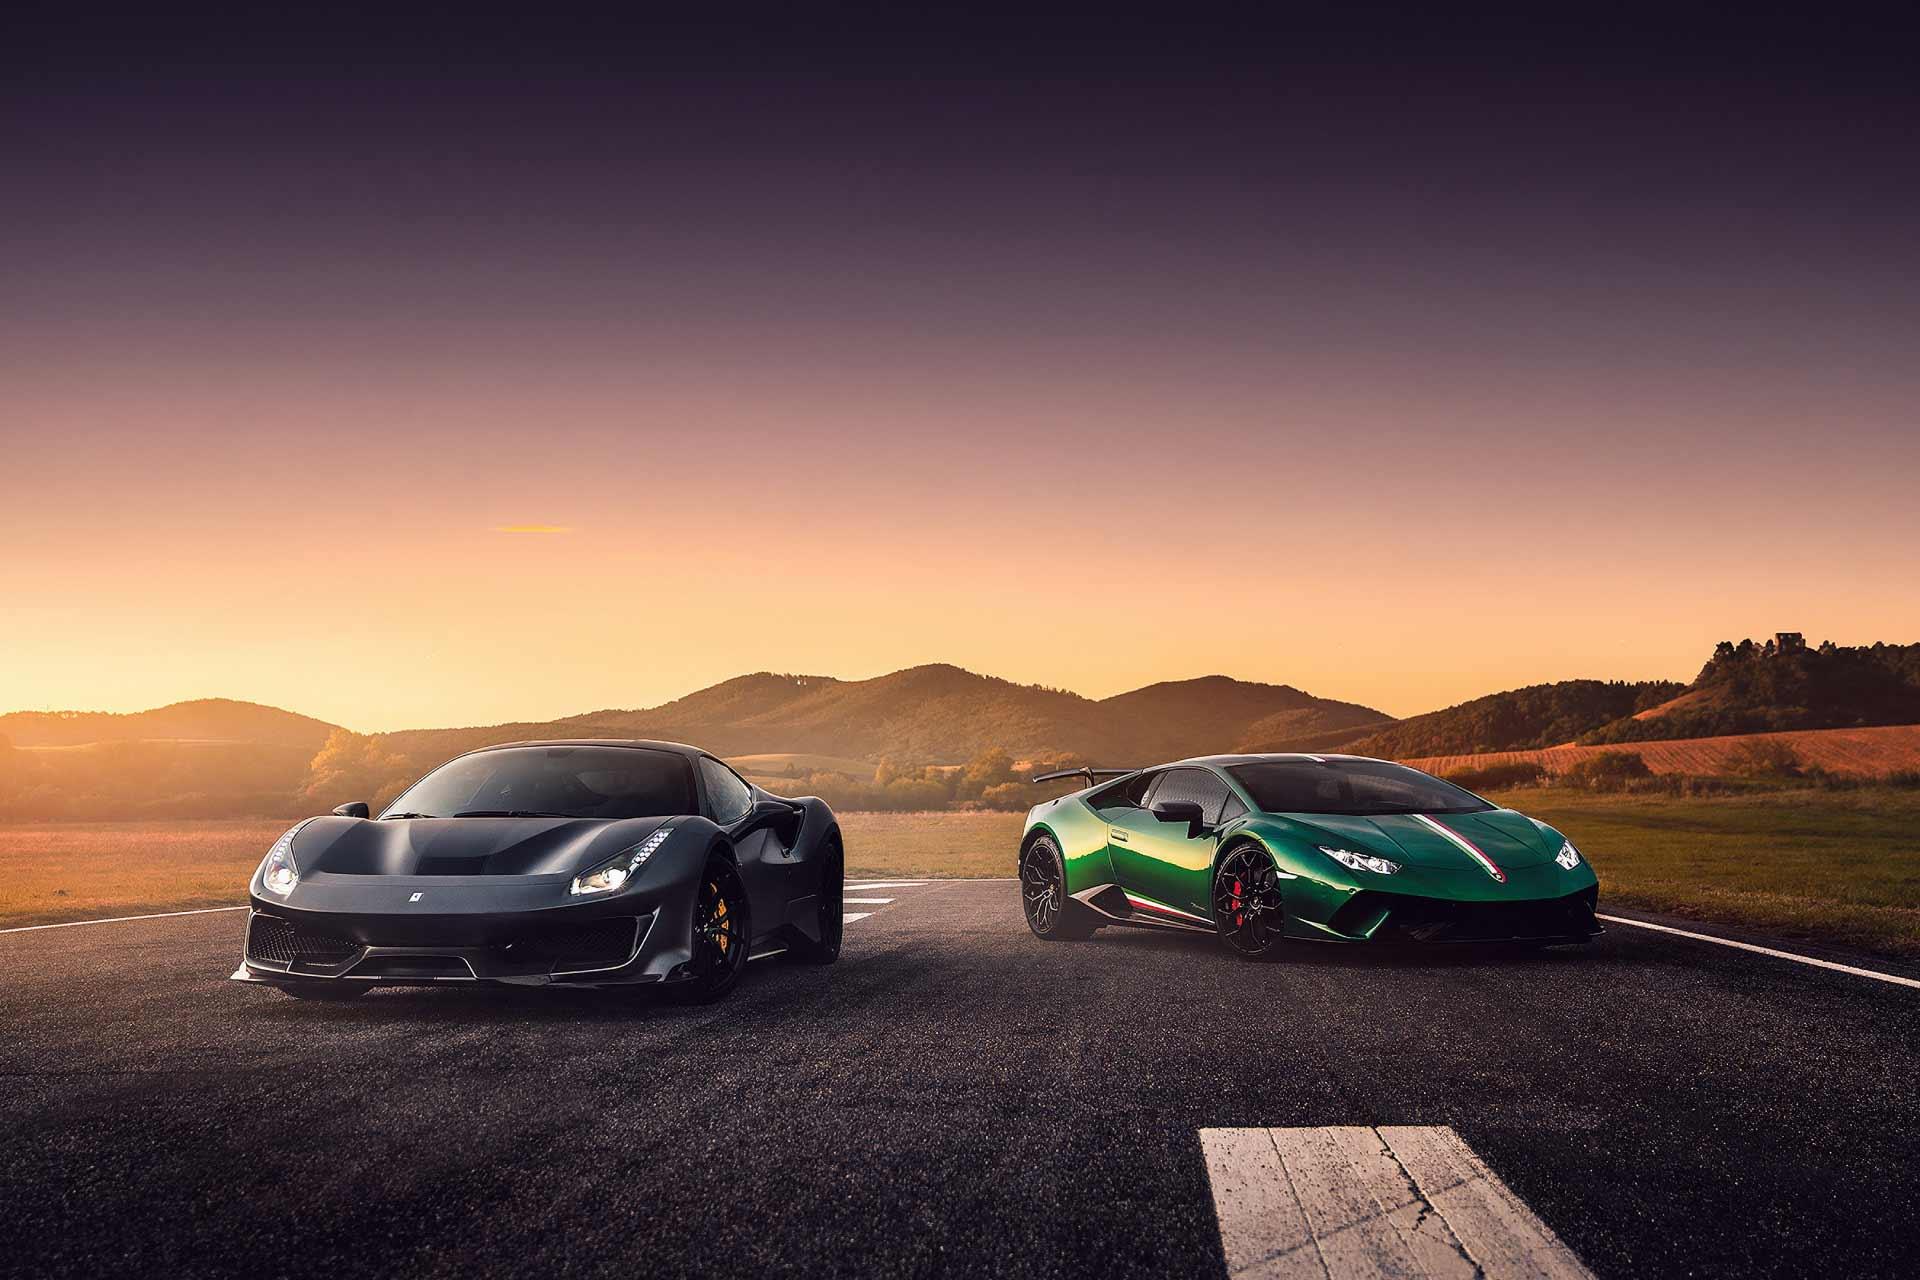 Rent Ferrari Lamborghini in Cannes